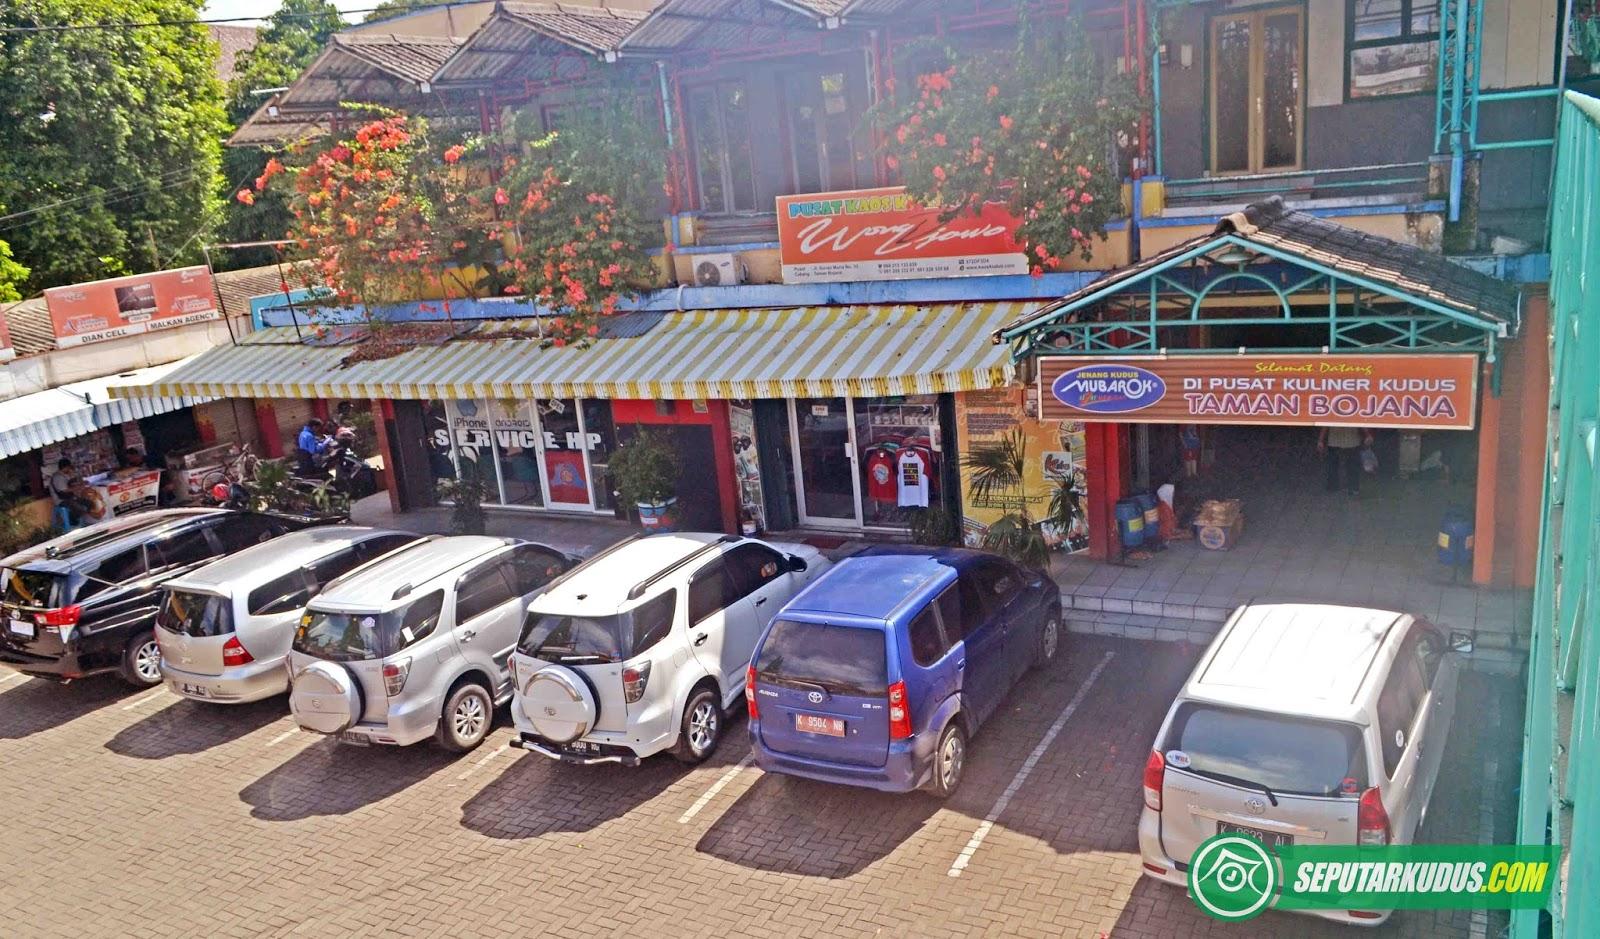 Kenapa Pusat Kuliner Kudus Di Sudut Simpang Tujuh Dinamai